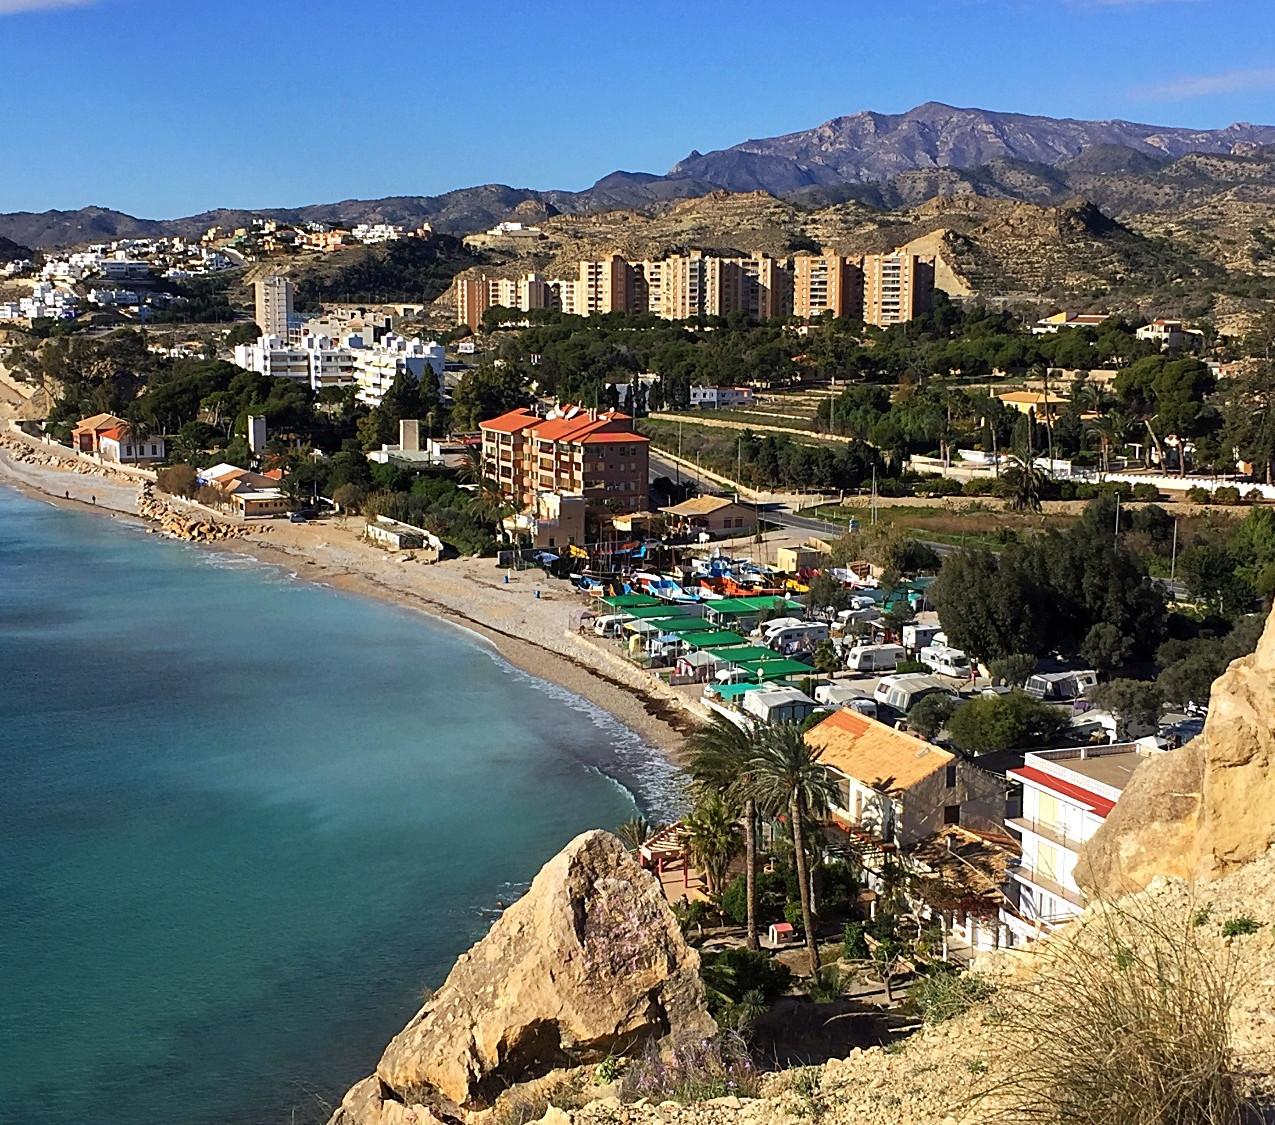 View towards Playa Paraiso